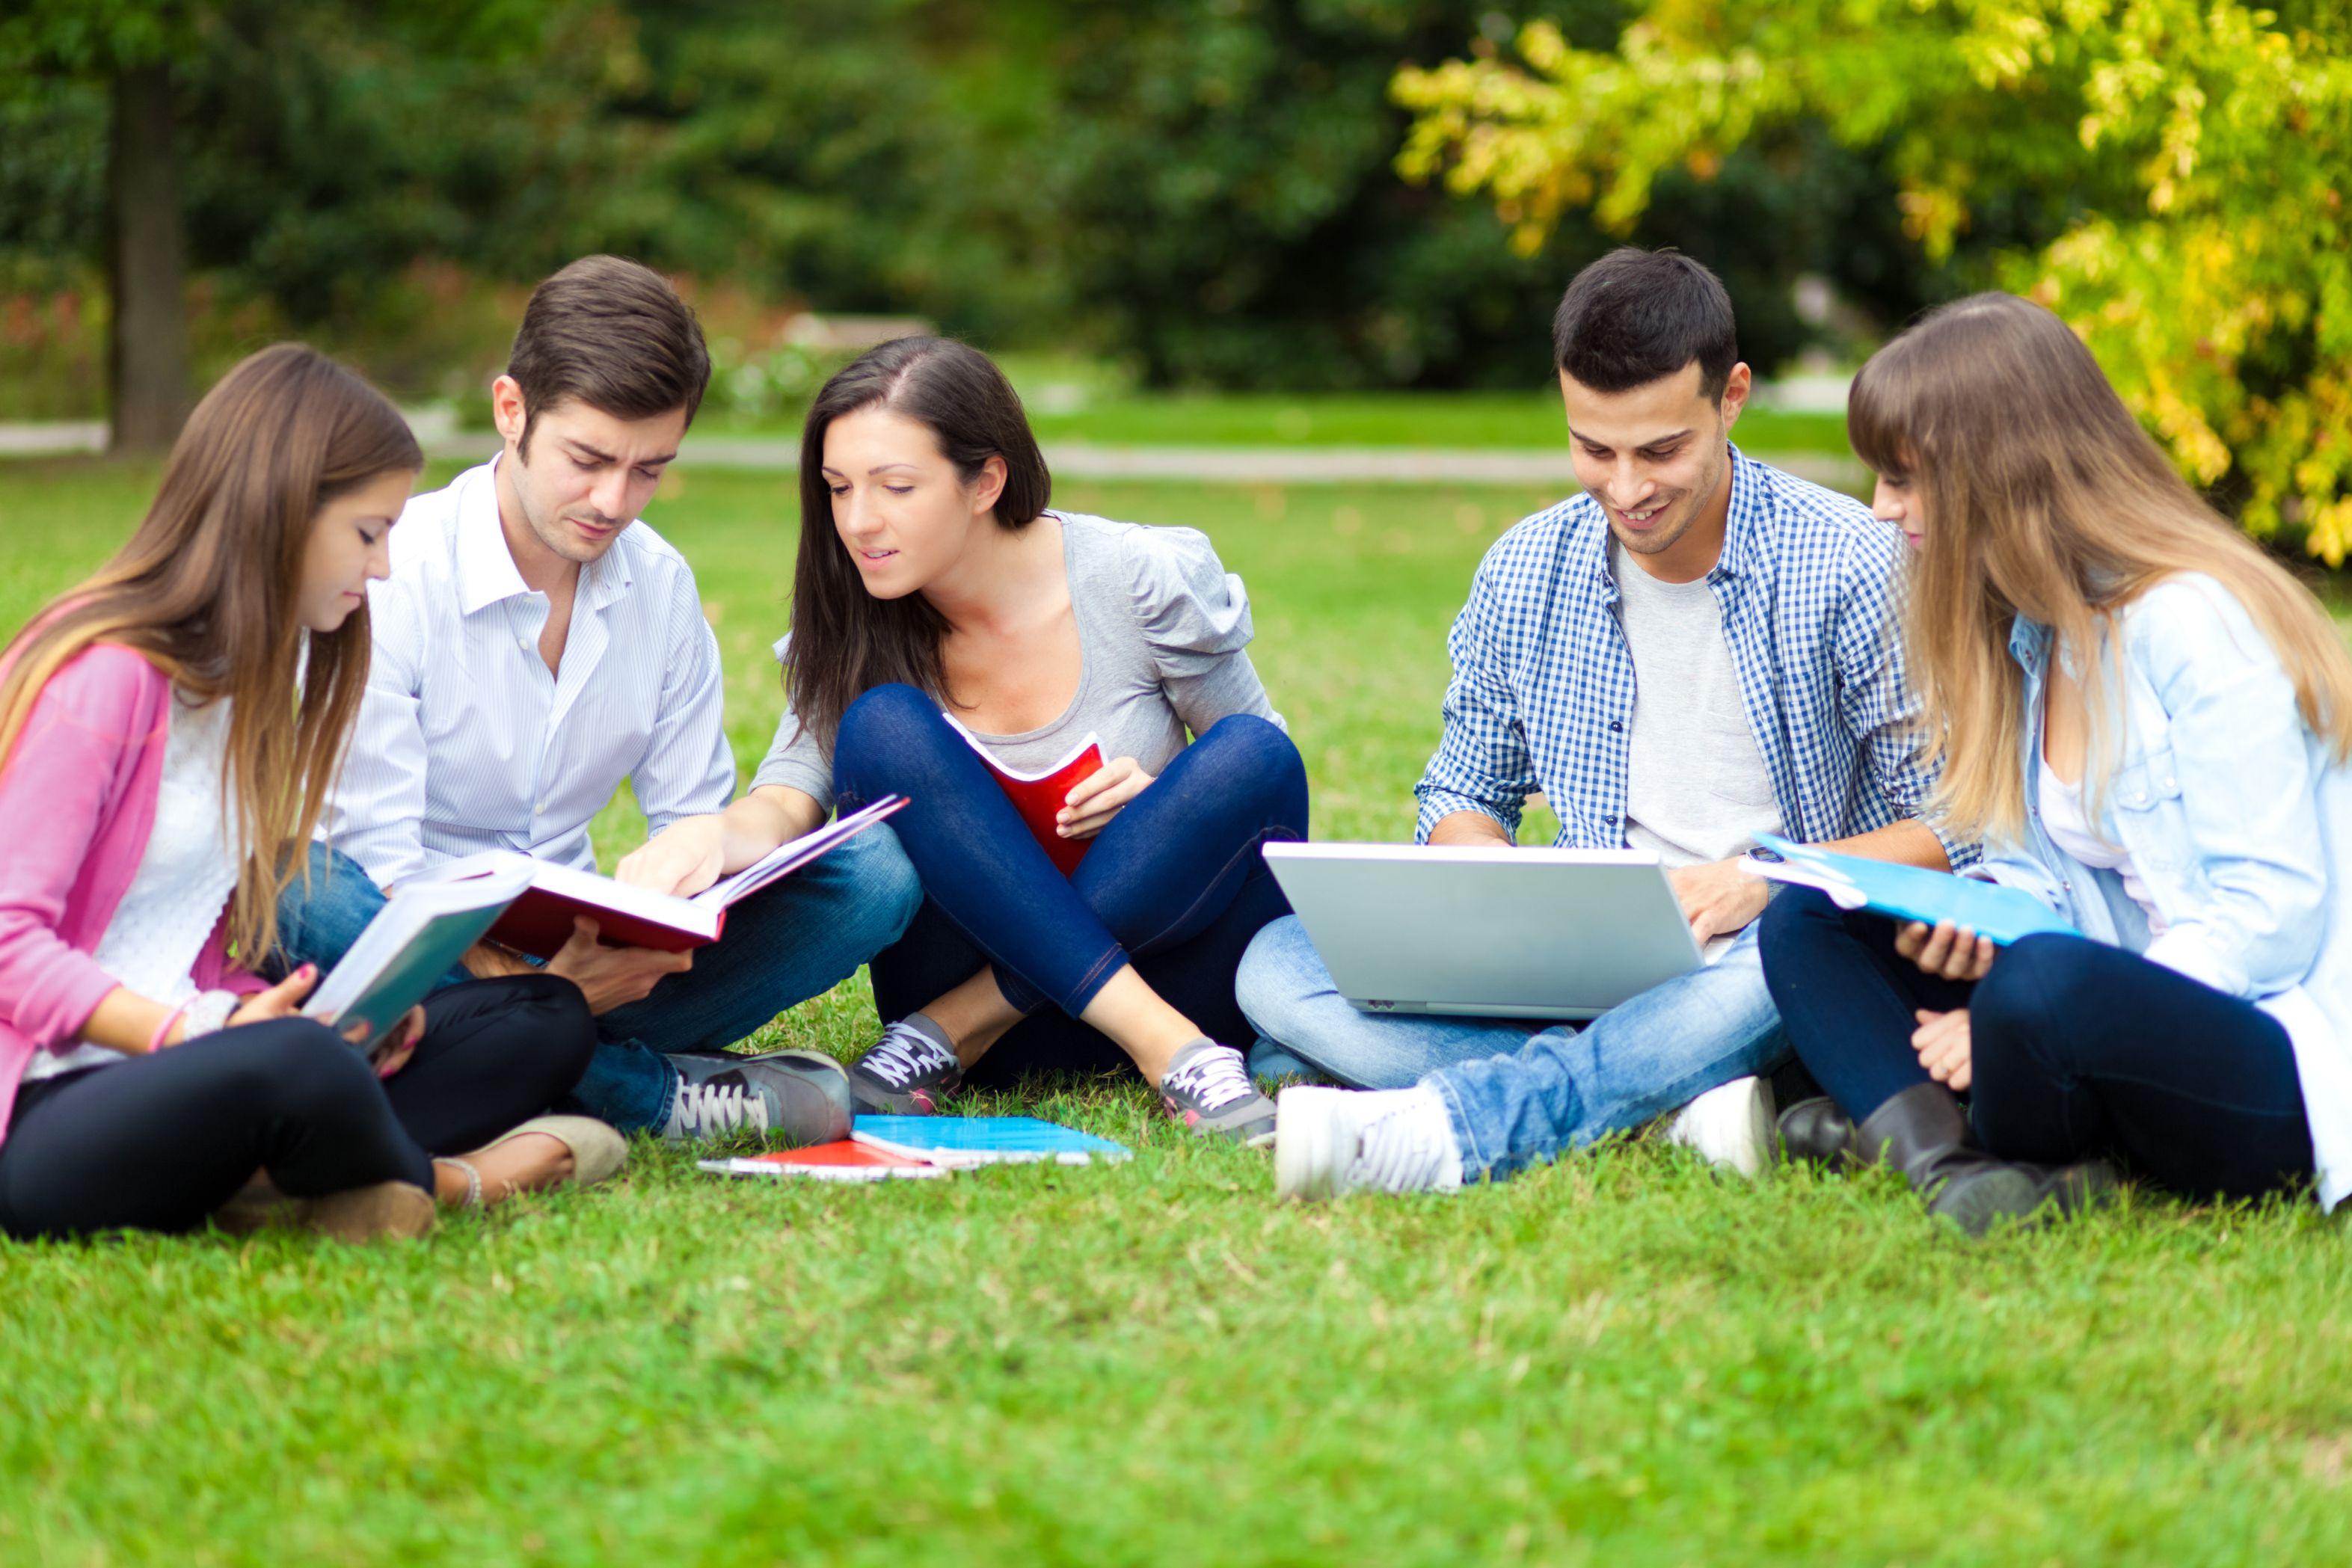 Po roku pracy ponad połowa studentów chciałaby zarabiać jednak pomiędzy 3 tys. a 4 tys. zł netto (Fot. Shutterstock)